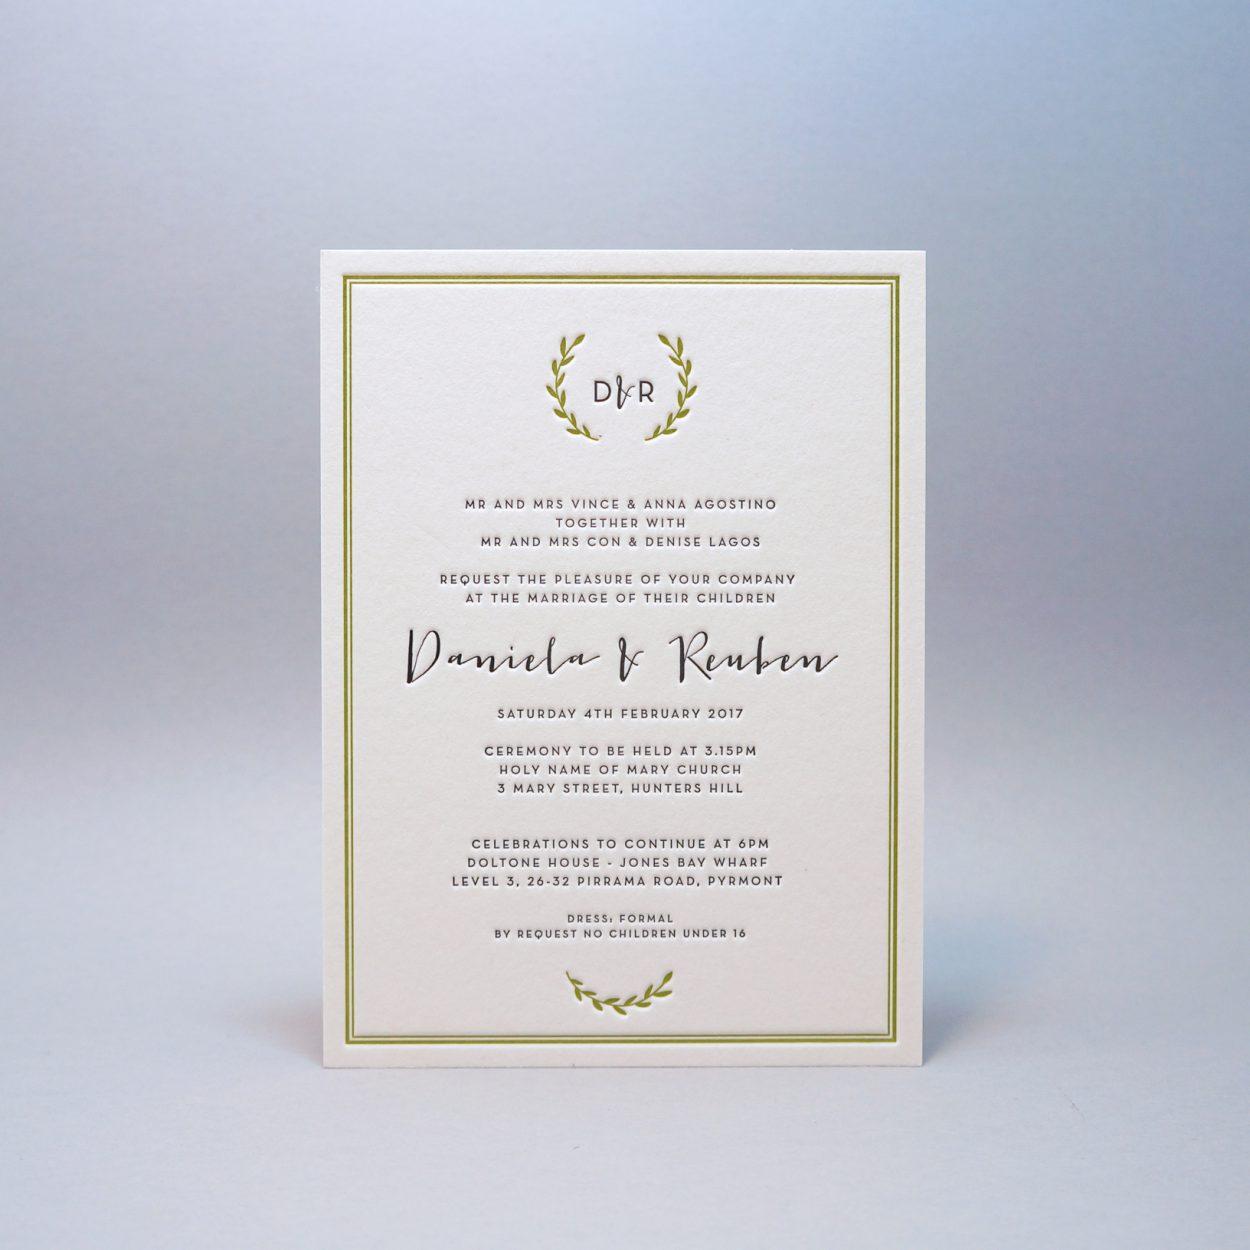 Letterpress-wedding-invitations-green-cordenons-wild lettra-wreath